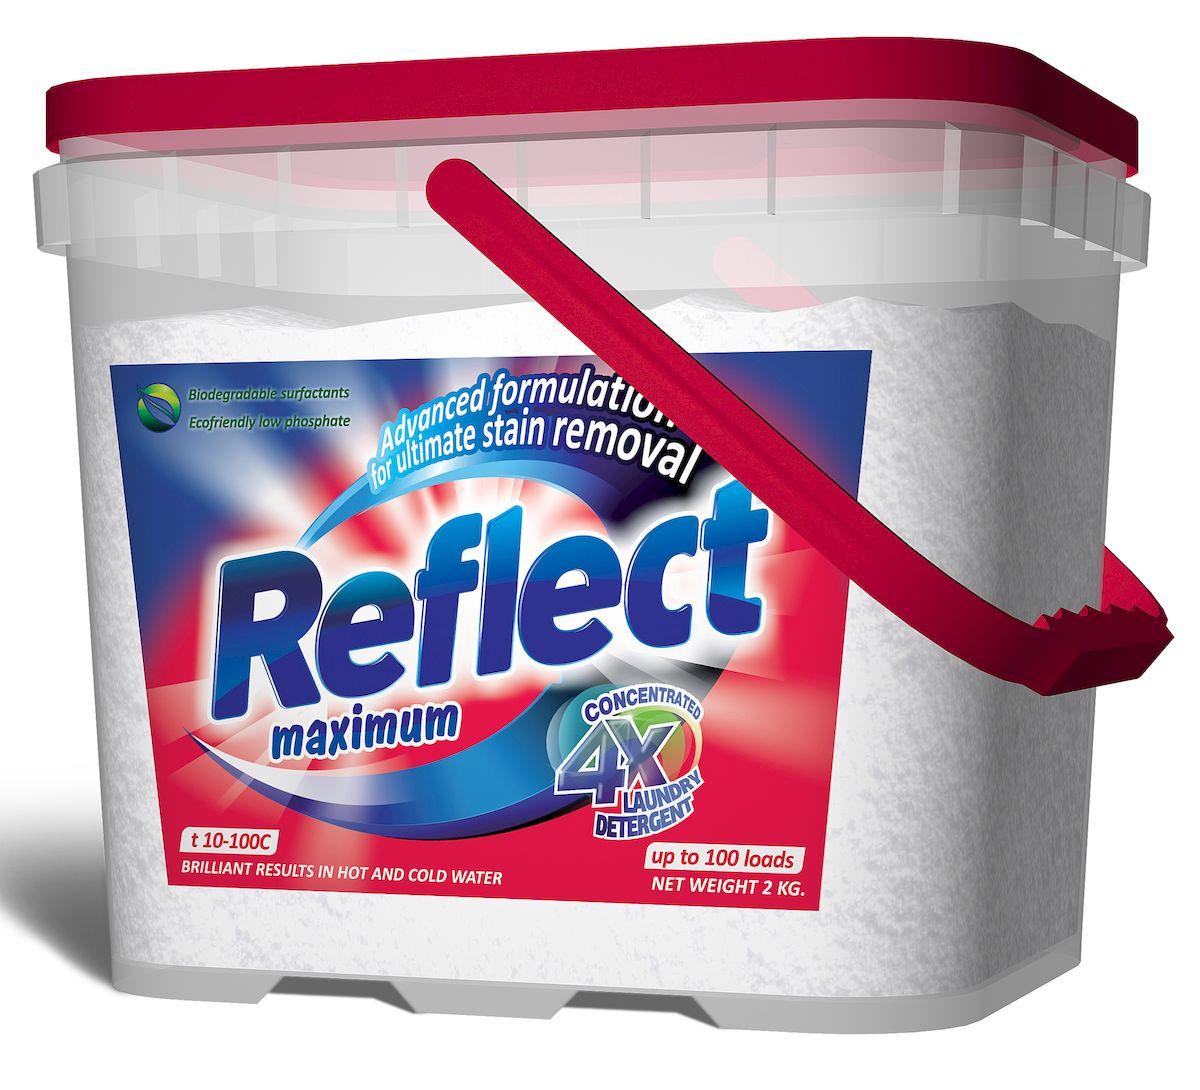 Стиральный порошок Reflect Maximum, для цветного и белого белья, 2 кгK100Reflect 2 кг – для стирки цветного и белого белья из хлопковых и смешанных волокон. Композитные энзимы TRIZYME (трайзайм) - глубоко проникают в ткань, удаляют грязь и неприятные запахи (включая пятна и запах пота), предотвращают серость и желтизну.Специальные добавки - помогают сохранять и поддерживать структуру ткани, предупреждая появление и образование катышек. Уникальная COLOUR CARE formula формула защиты цвета - защищает и поддерживает насыщенность цветовой гаммы изделия от стирки к стирке.Optical brightener (оптический отбеливатель) - отвечает за белизну белого белья и яркость цветного.